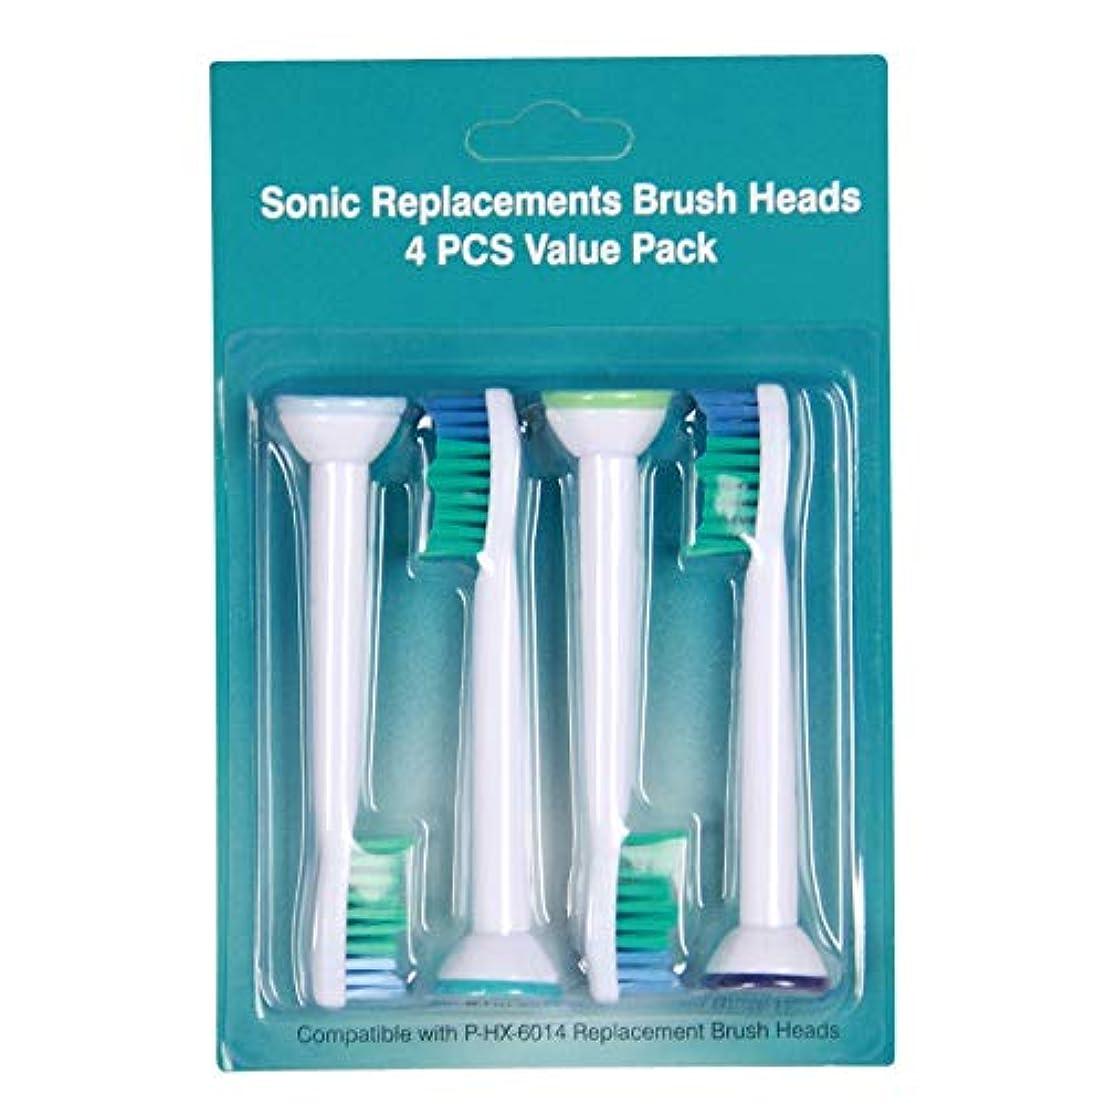 変形アジャ怖がって死ぬJicorzo - フィリップスソニッケアー電動歯ブラシ4本衛生ケアクリーン用NewView交換電動歯ブラシのヘッド